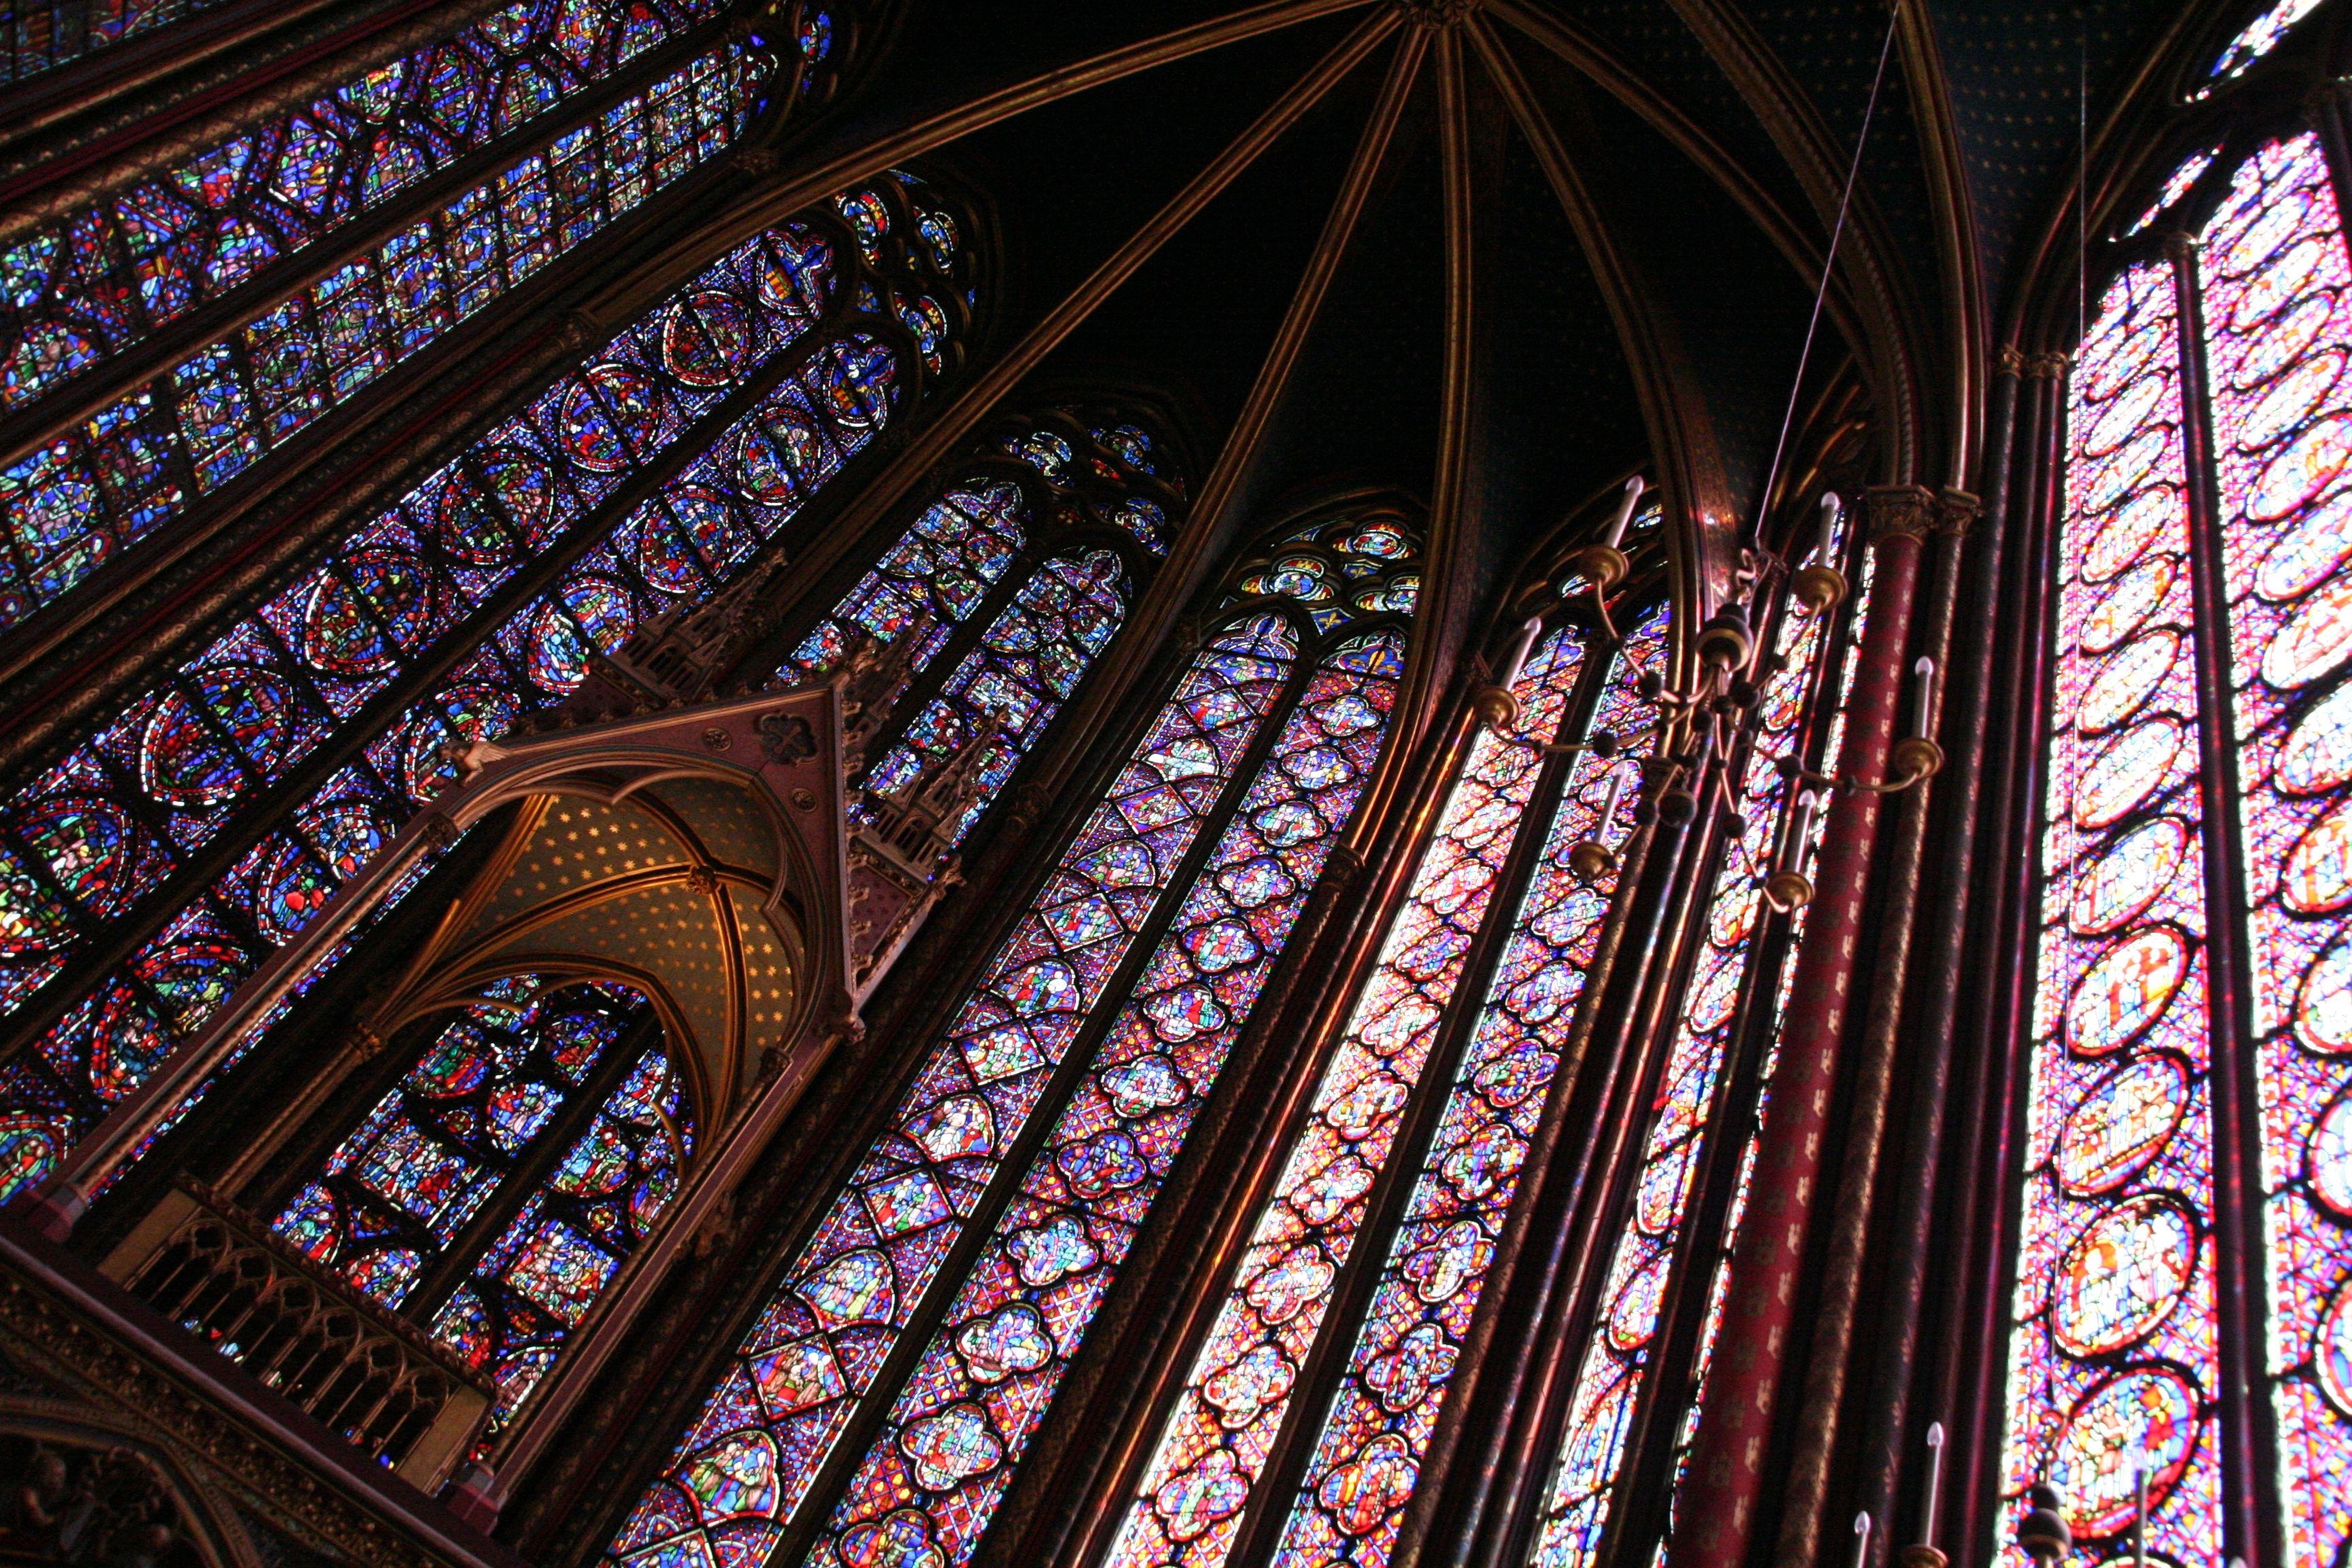 FRANÇA- Paris, Ste Chapelle - La Sainte-Chapelle est une chapelle qui fut édifiée sur l'île de la Cité, à Paris, à la demande de Saint Louis afin d'abriter la Couronne d'Épines, un morceau de la Vraie Croix, ainsi que diverses autres reliques de la Passion qu'il avait acquises à partir de 1239.